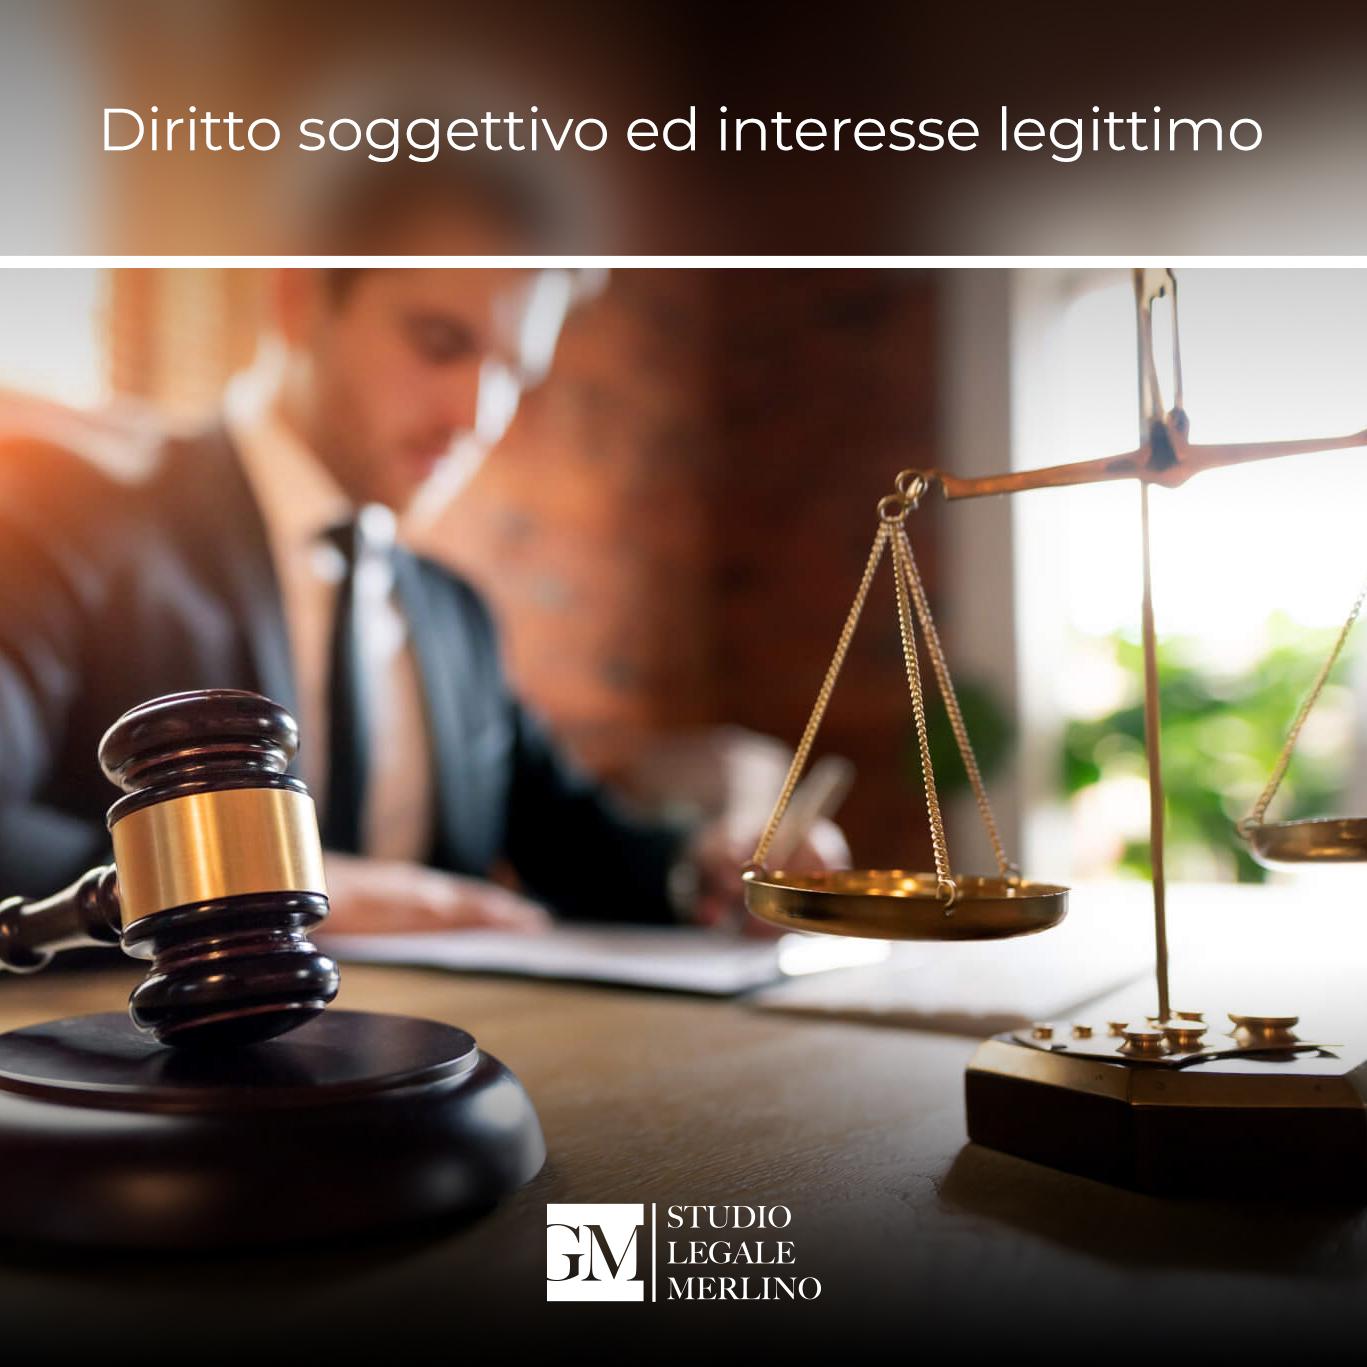 Conosci la differenza tra diritto soggettivo ed interesse legittimo?